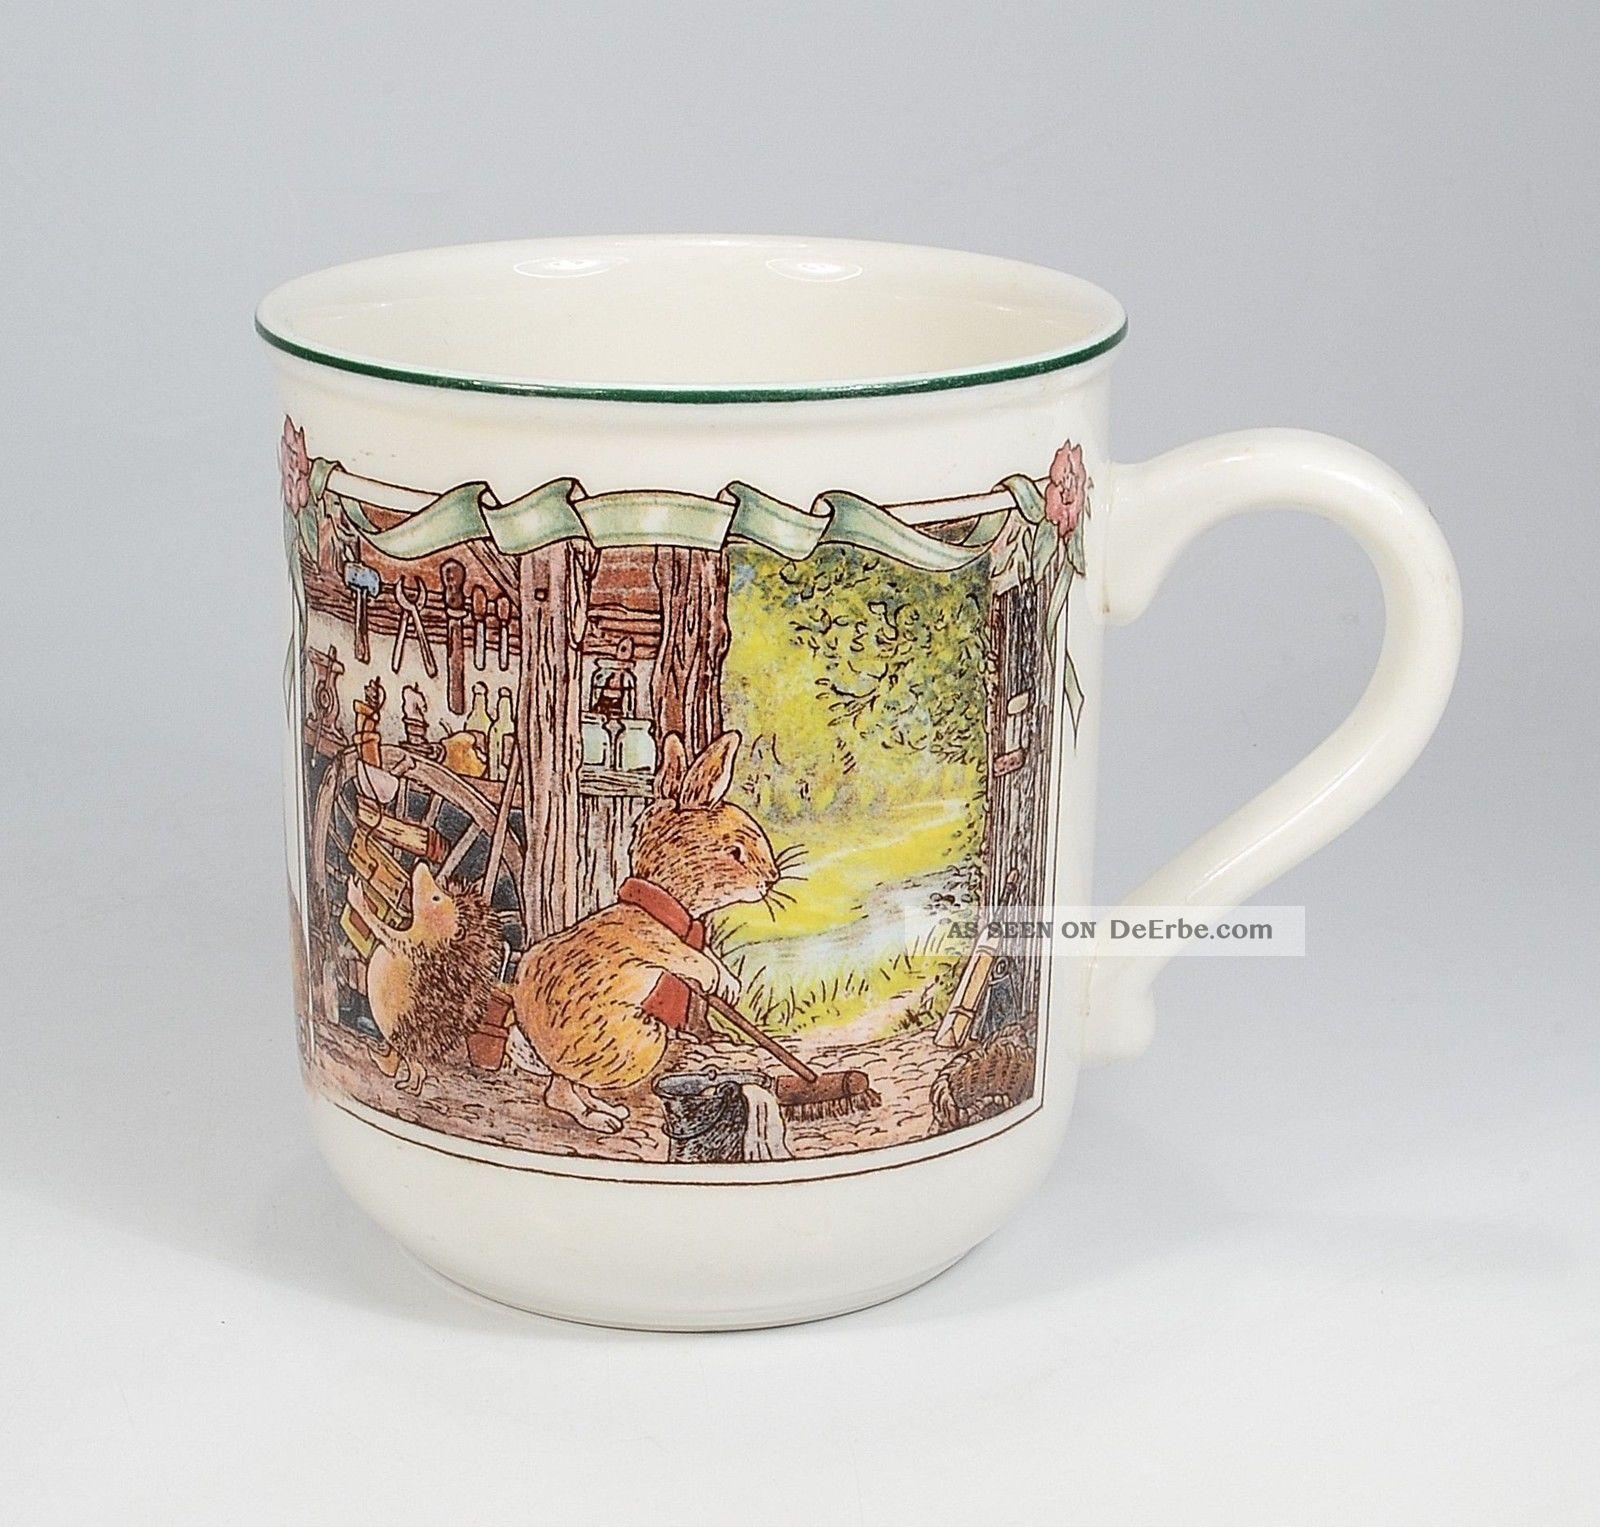 vb_villeroy__boch__foxwood_tales__becher_1_lgw Luxus Villeroy Und Boch Keramik Dekorationen